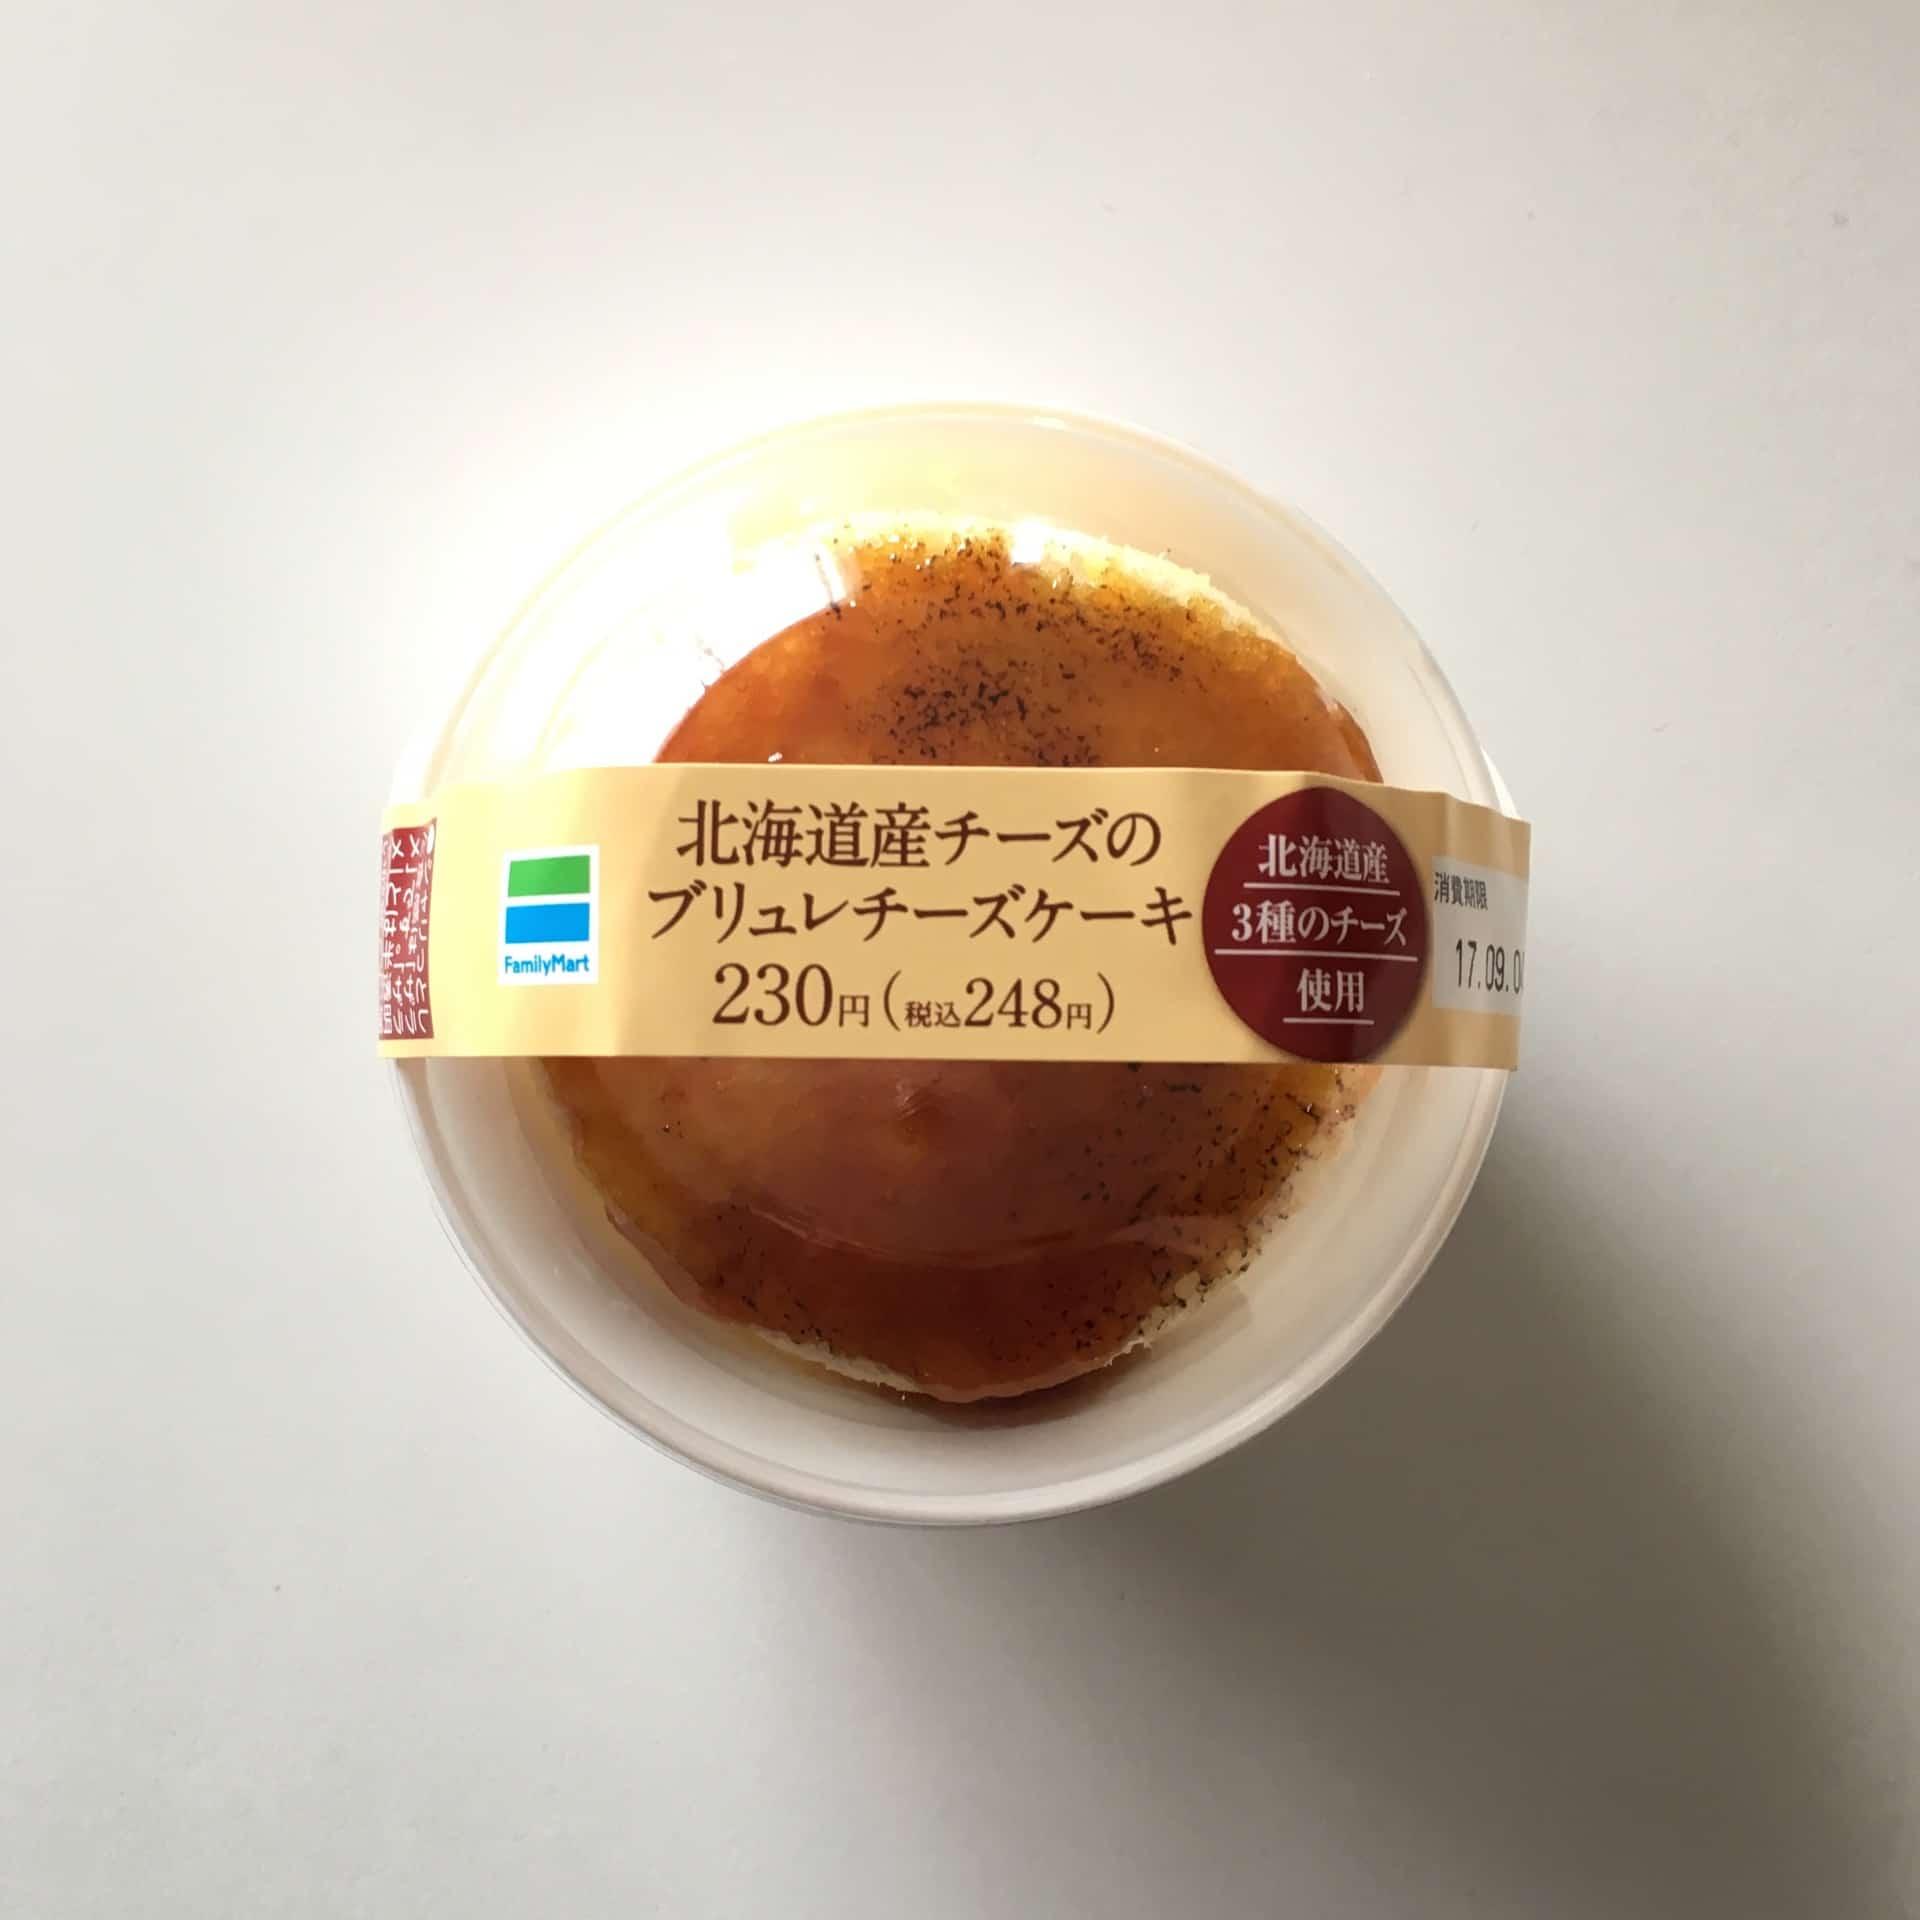 ファミマ「北海道産チーズのブリュレチーズケーキ」食感&味が異なるチーズが絶妙!